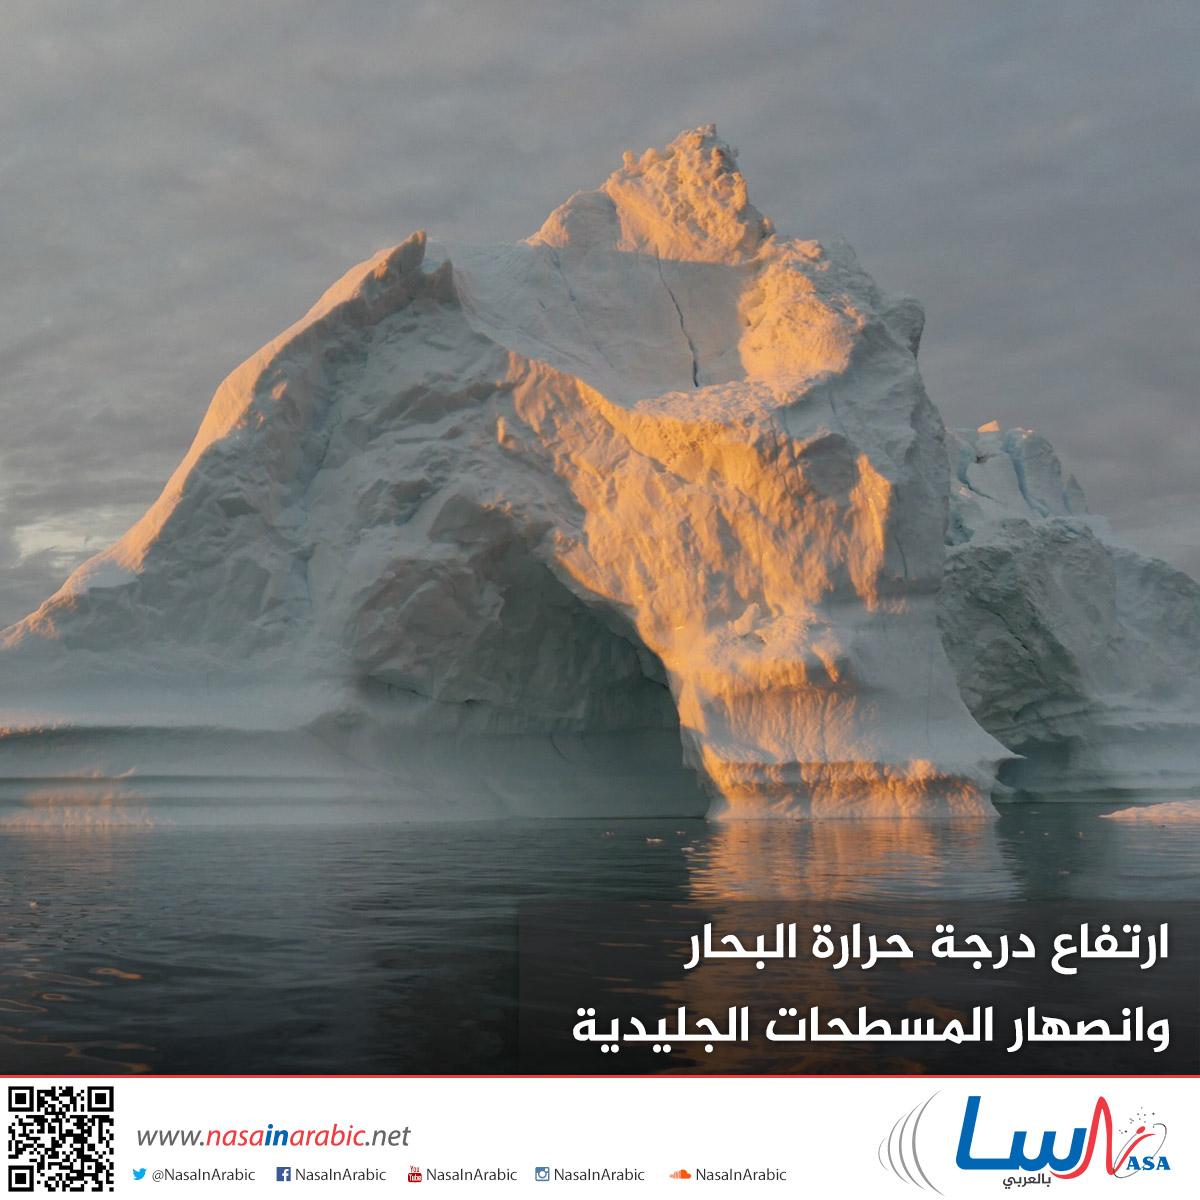 ارتفاع درجة حرارة البحار وانصهار المسطحات الجليدية